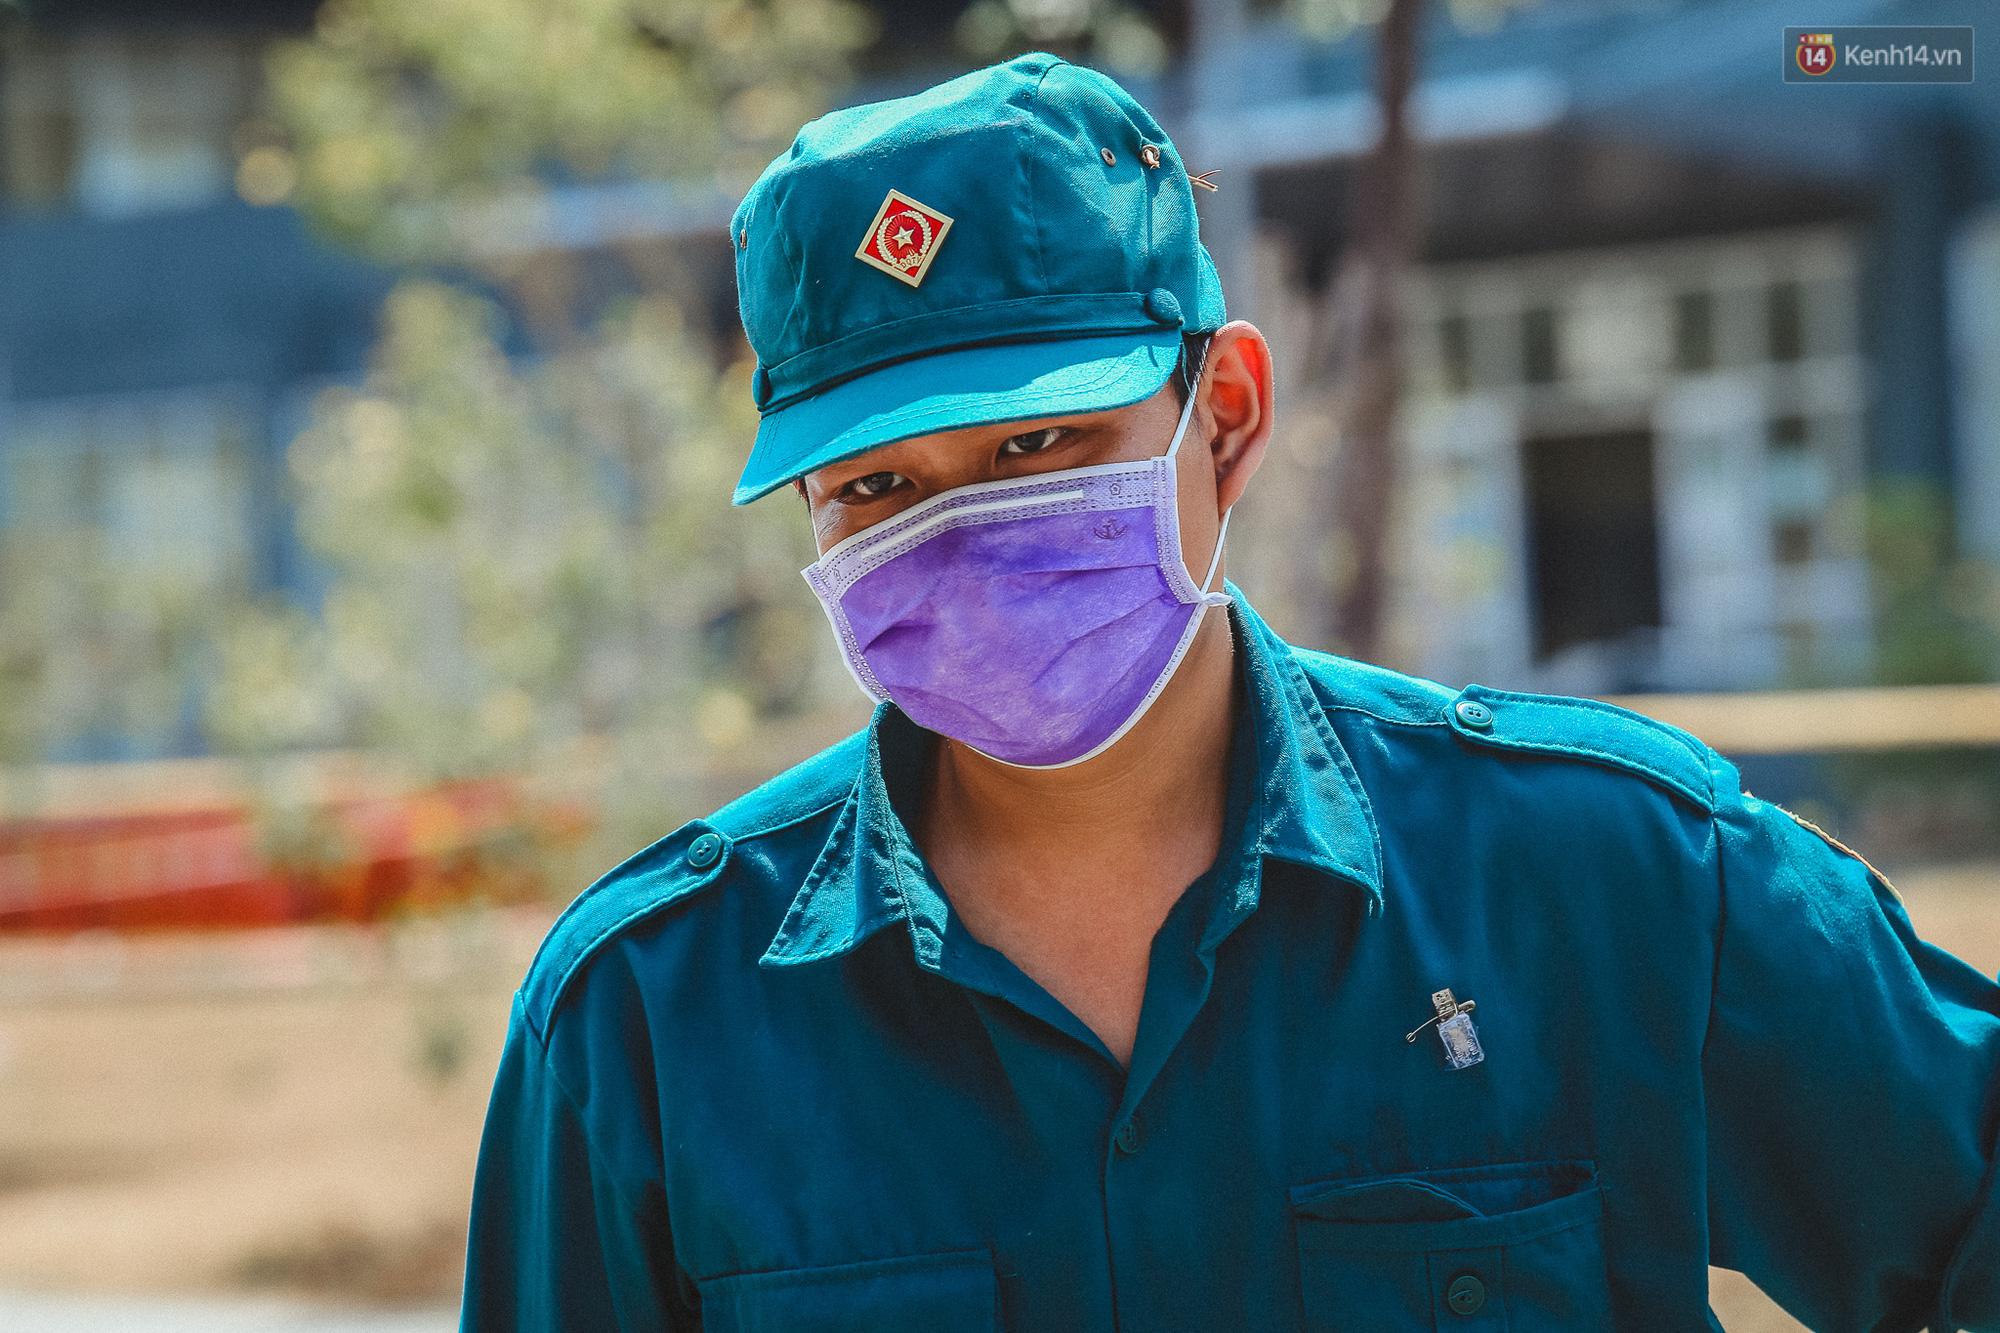 Người cách ly ở KTX âm thầm mua sữa tặng các anh dân quân tự vệ để cảm ơn vì ngày đêm chuyển hàng viện trợ - Ảnh 4.